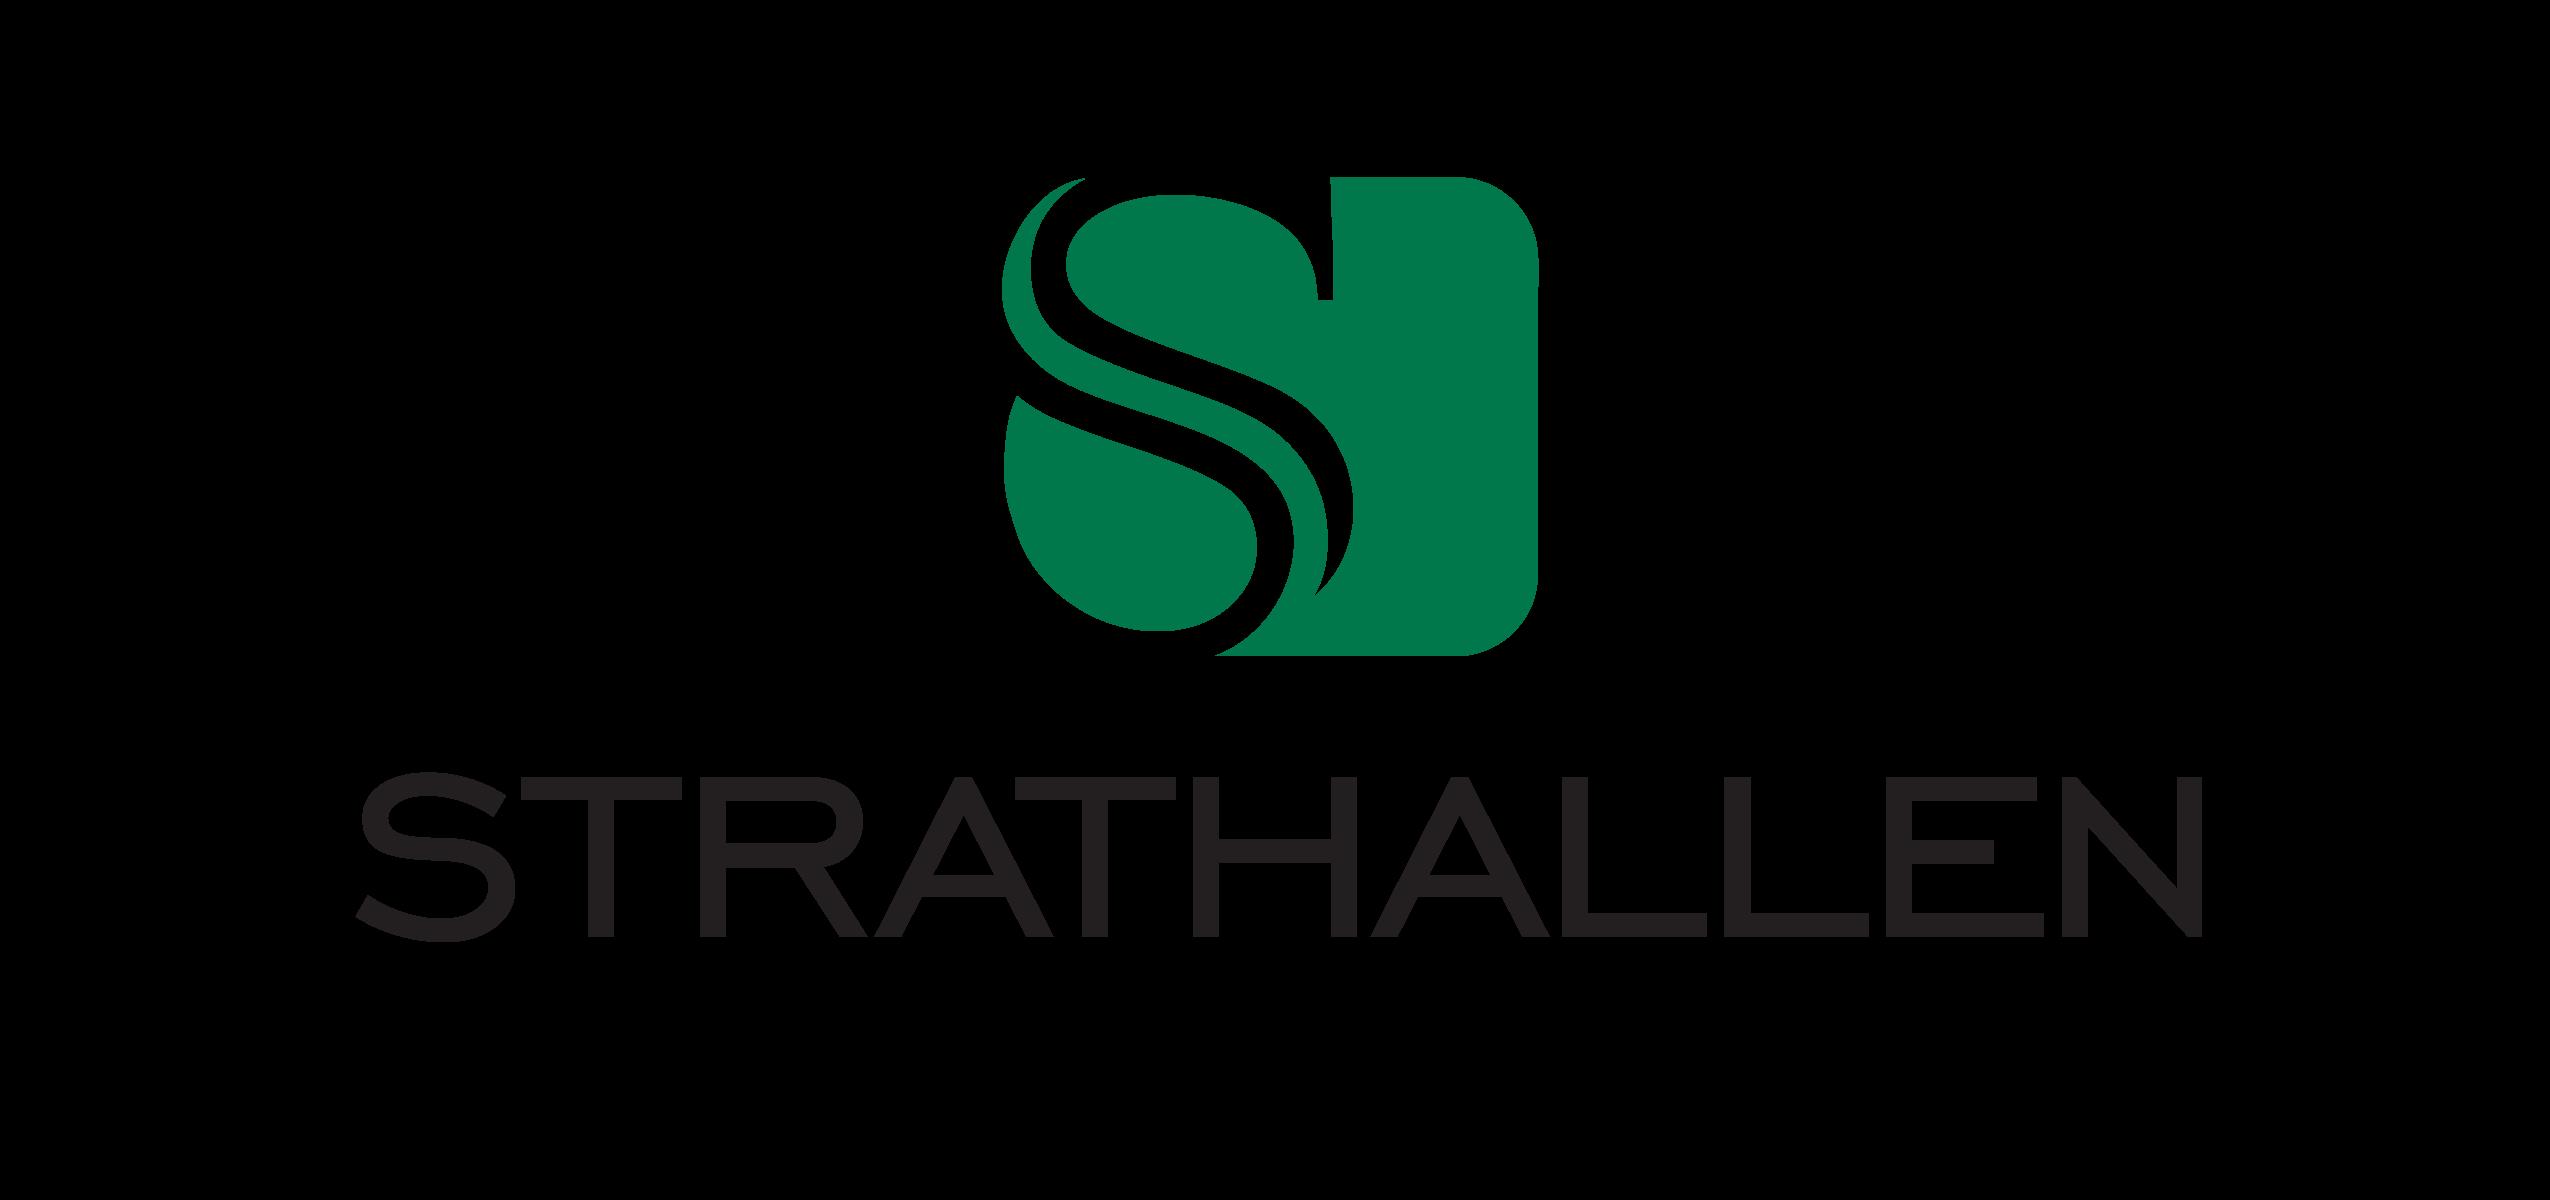 Strathallen Capital